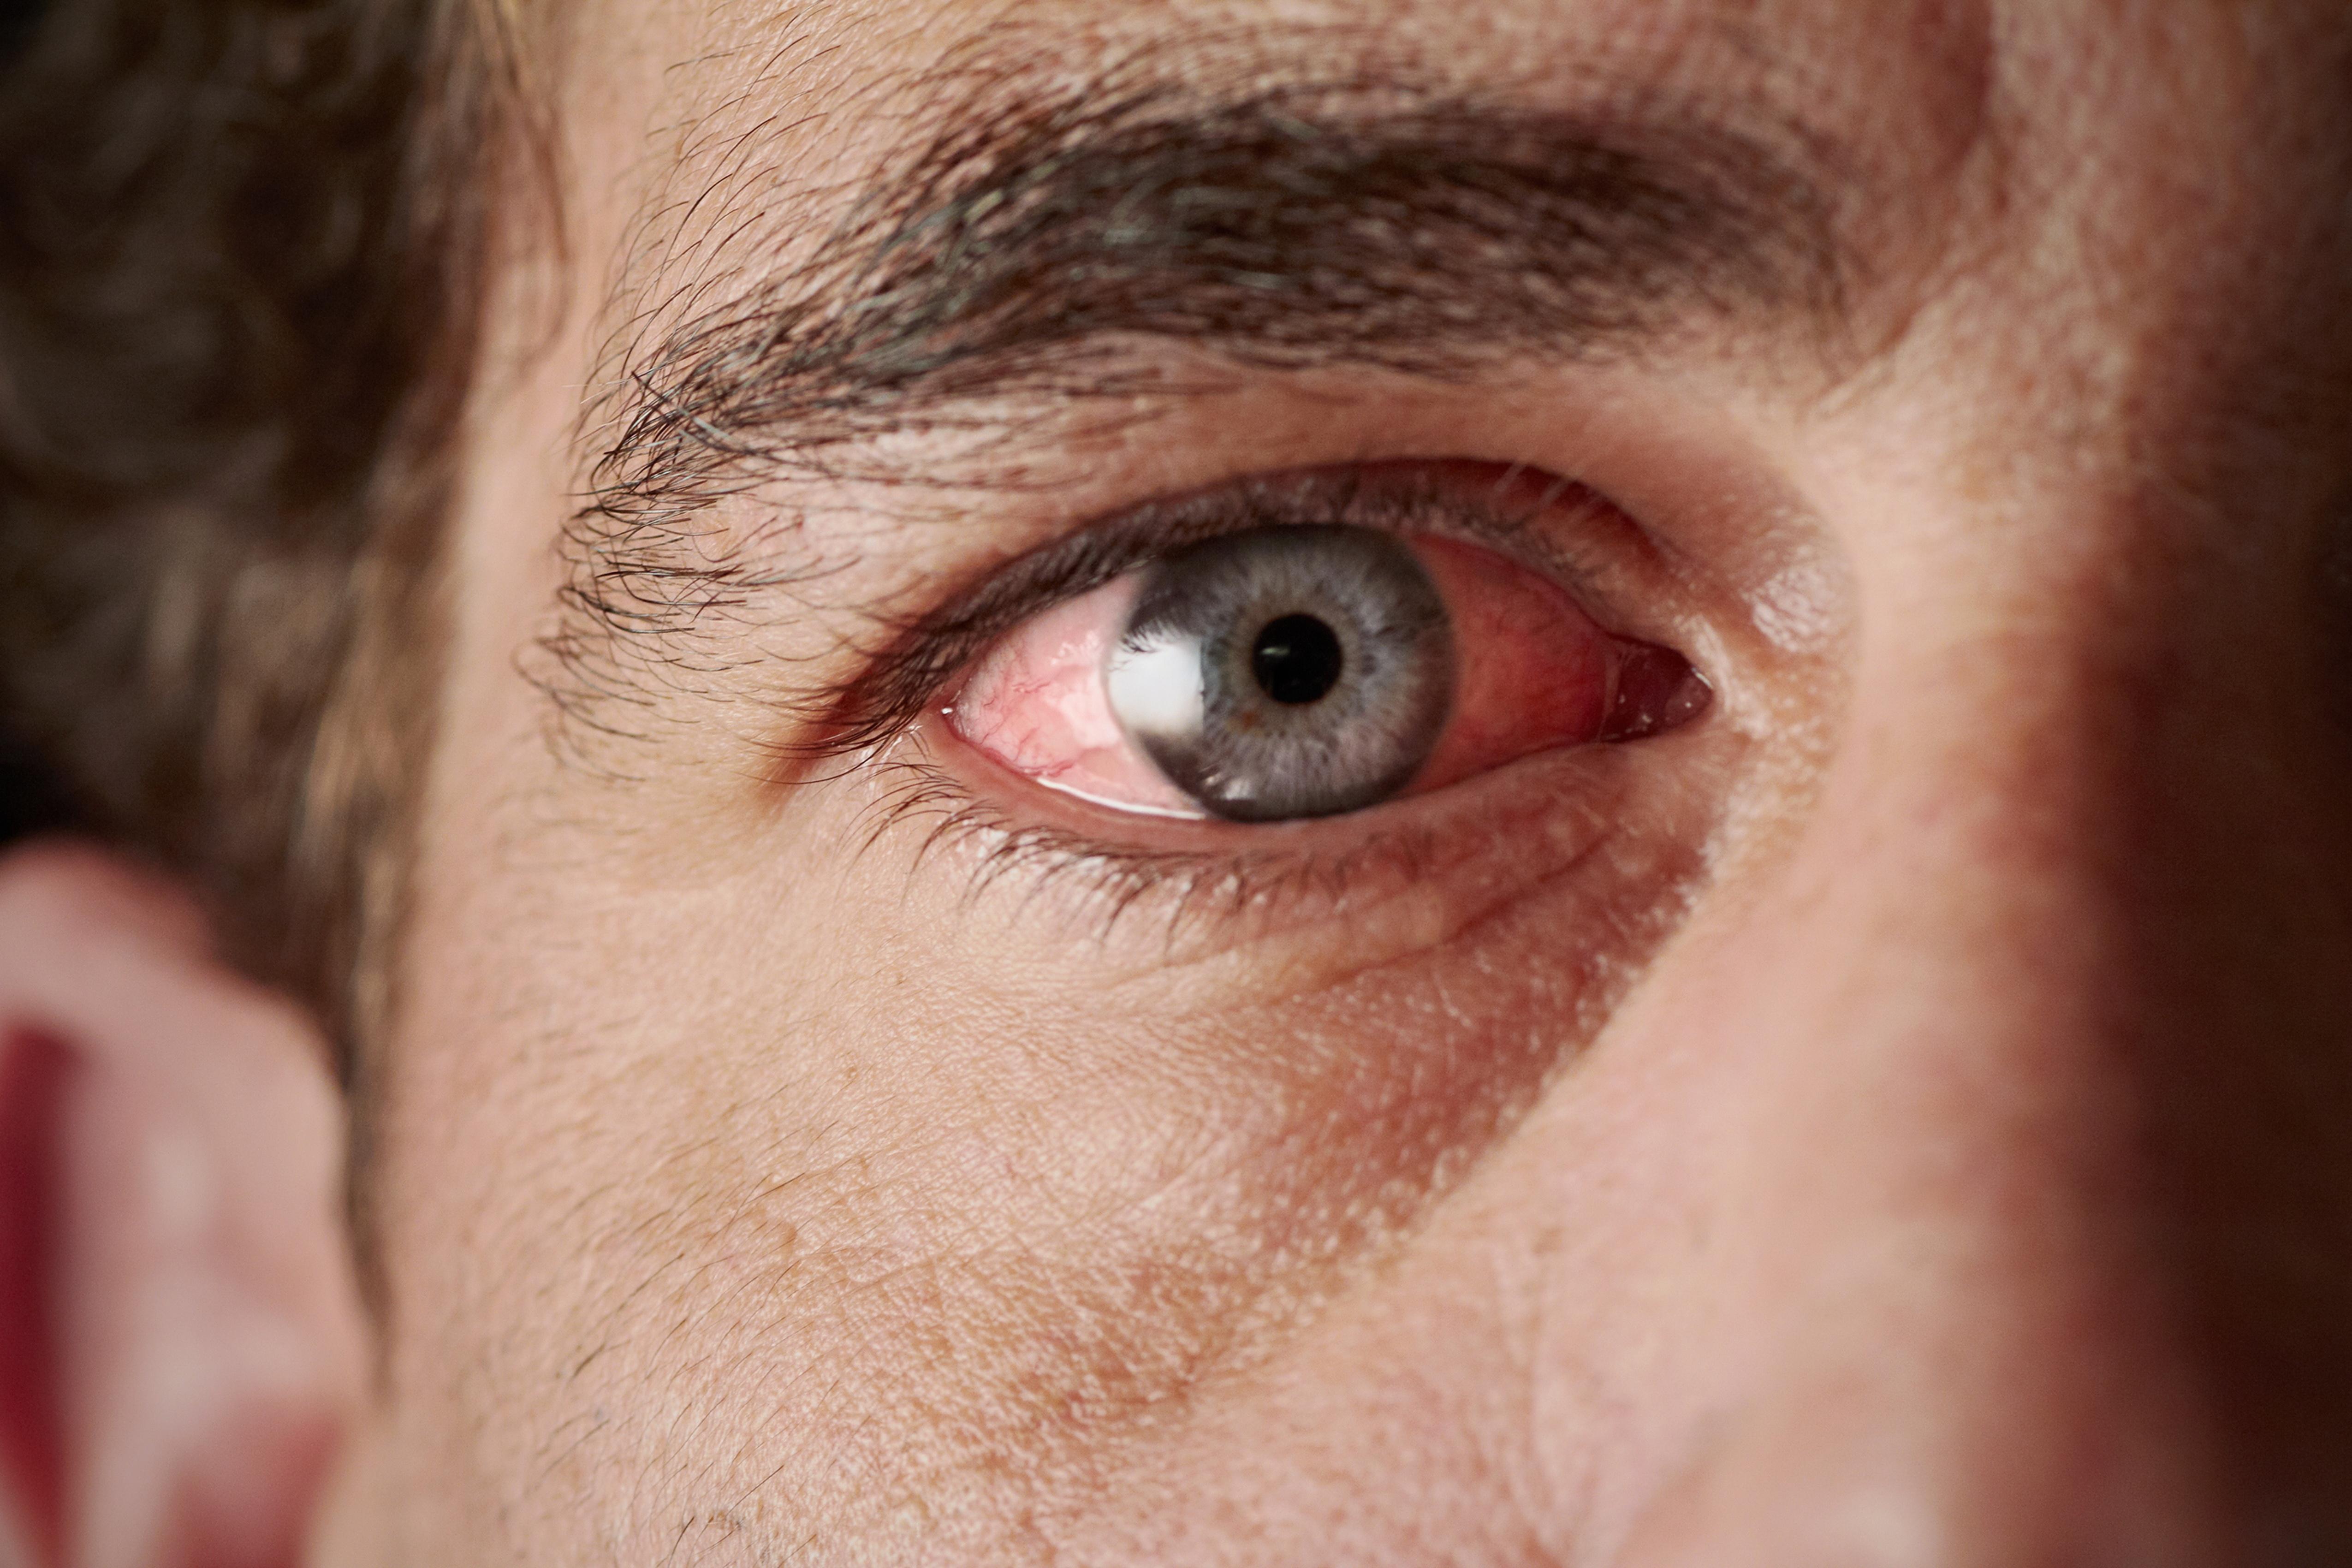 vörös pikkelyes folt a szem sarkában vörös foltok a testen viszketnek egy felnőtt fotón